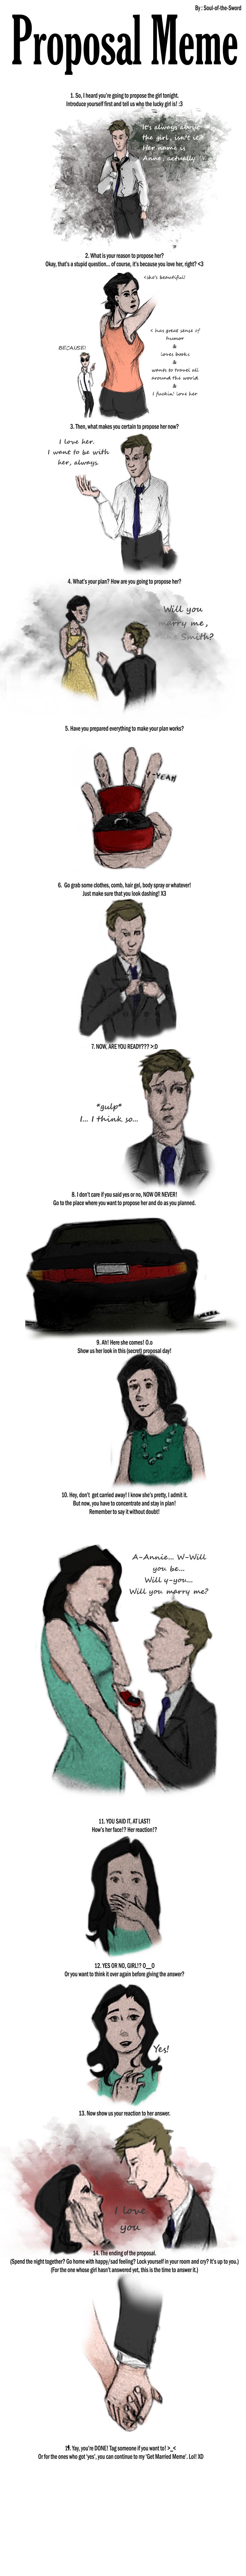 Proposal Meme - Annian by Edhilvarel